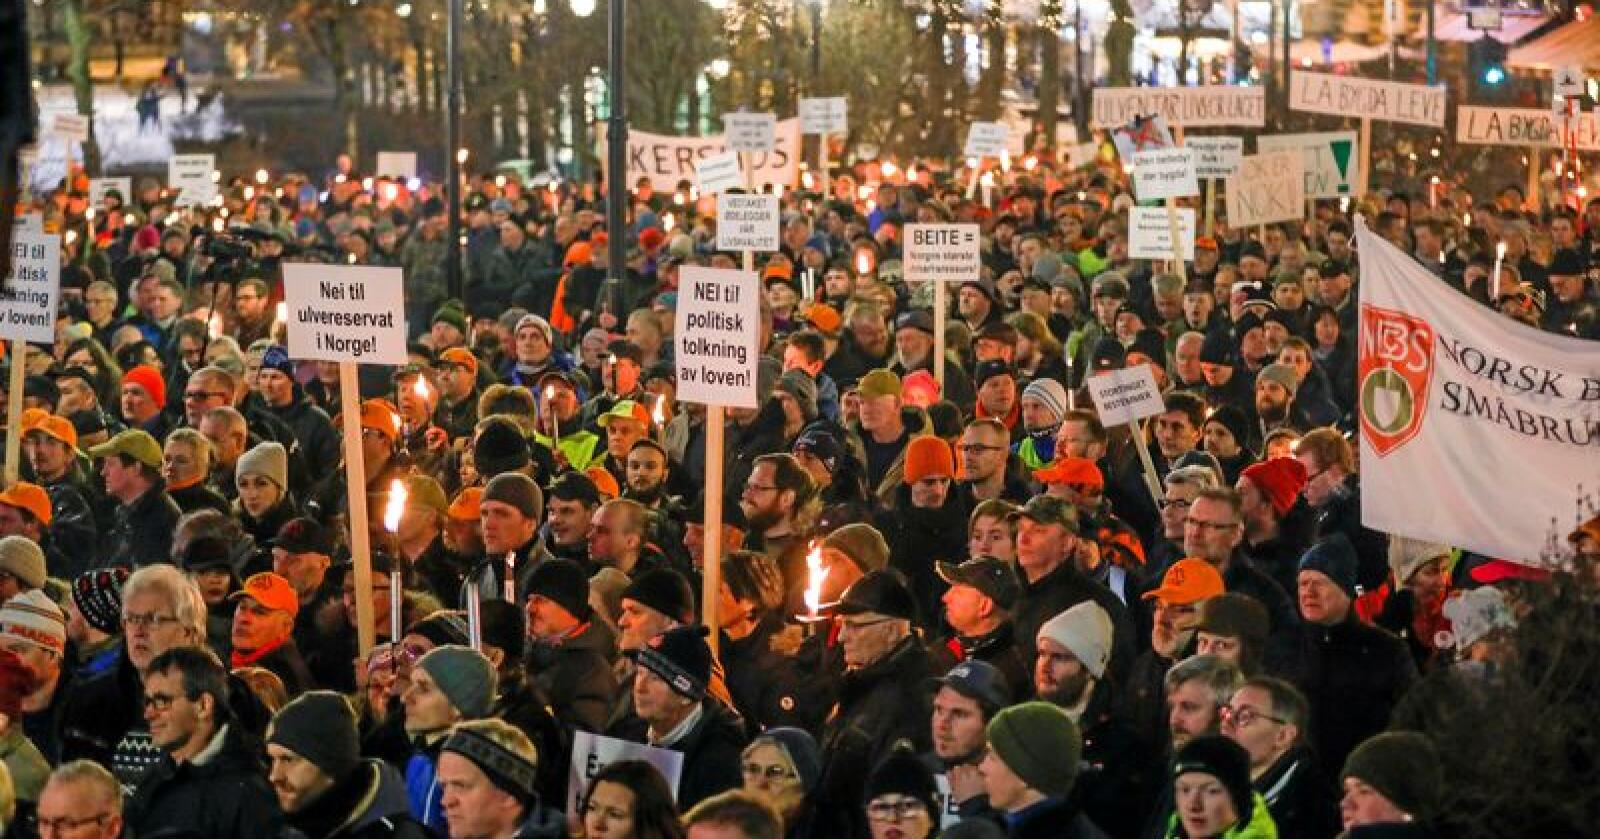 Ulvedemonstrasjon: Man finner neppe mange andre demonstrasjoner for et stortingsvedtak, skriver Gunnar Gundersen. Her fra en demonstrasjon i Oslo i januar 2019. Foto: Cornelius Poppe / NTB scanpix